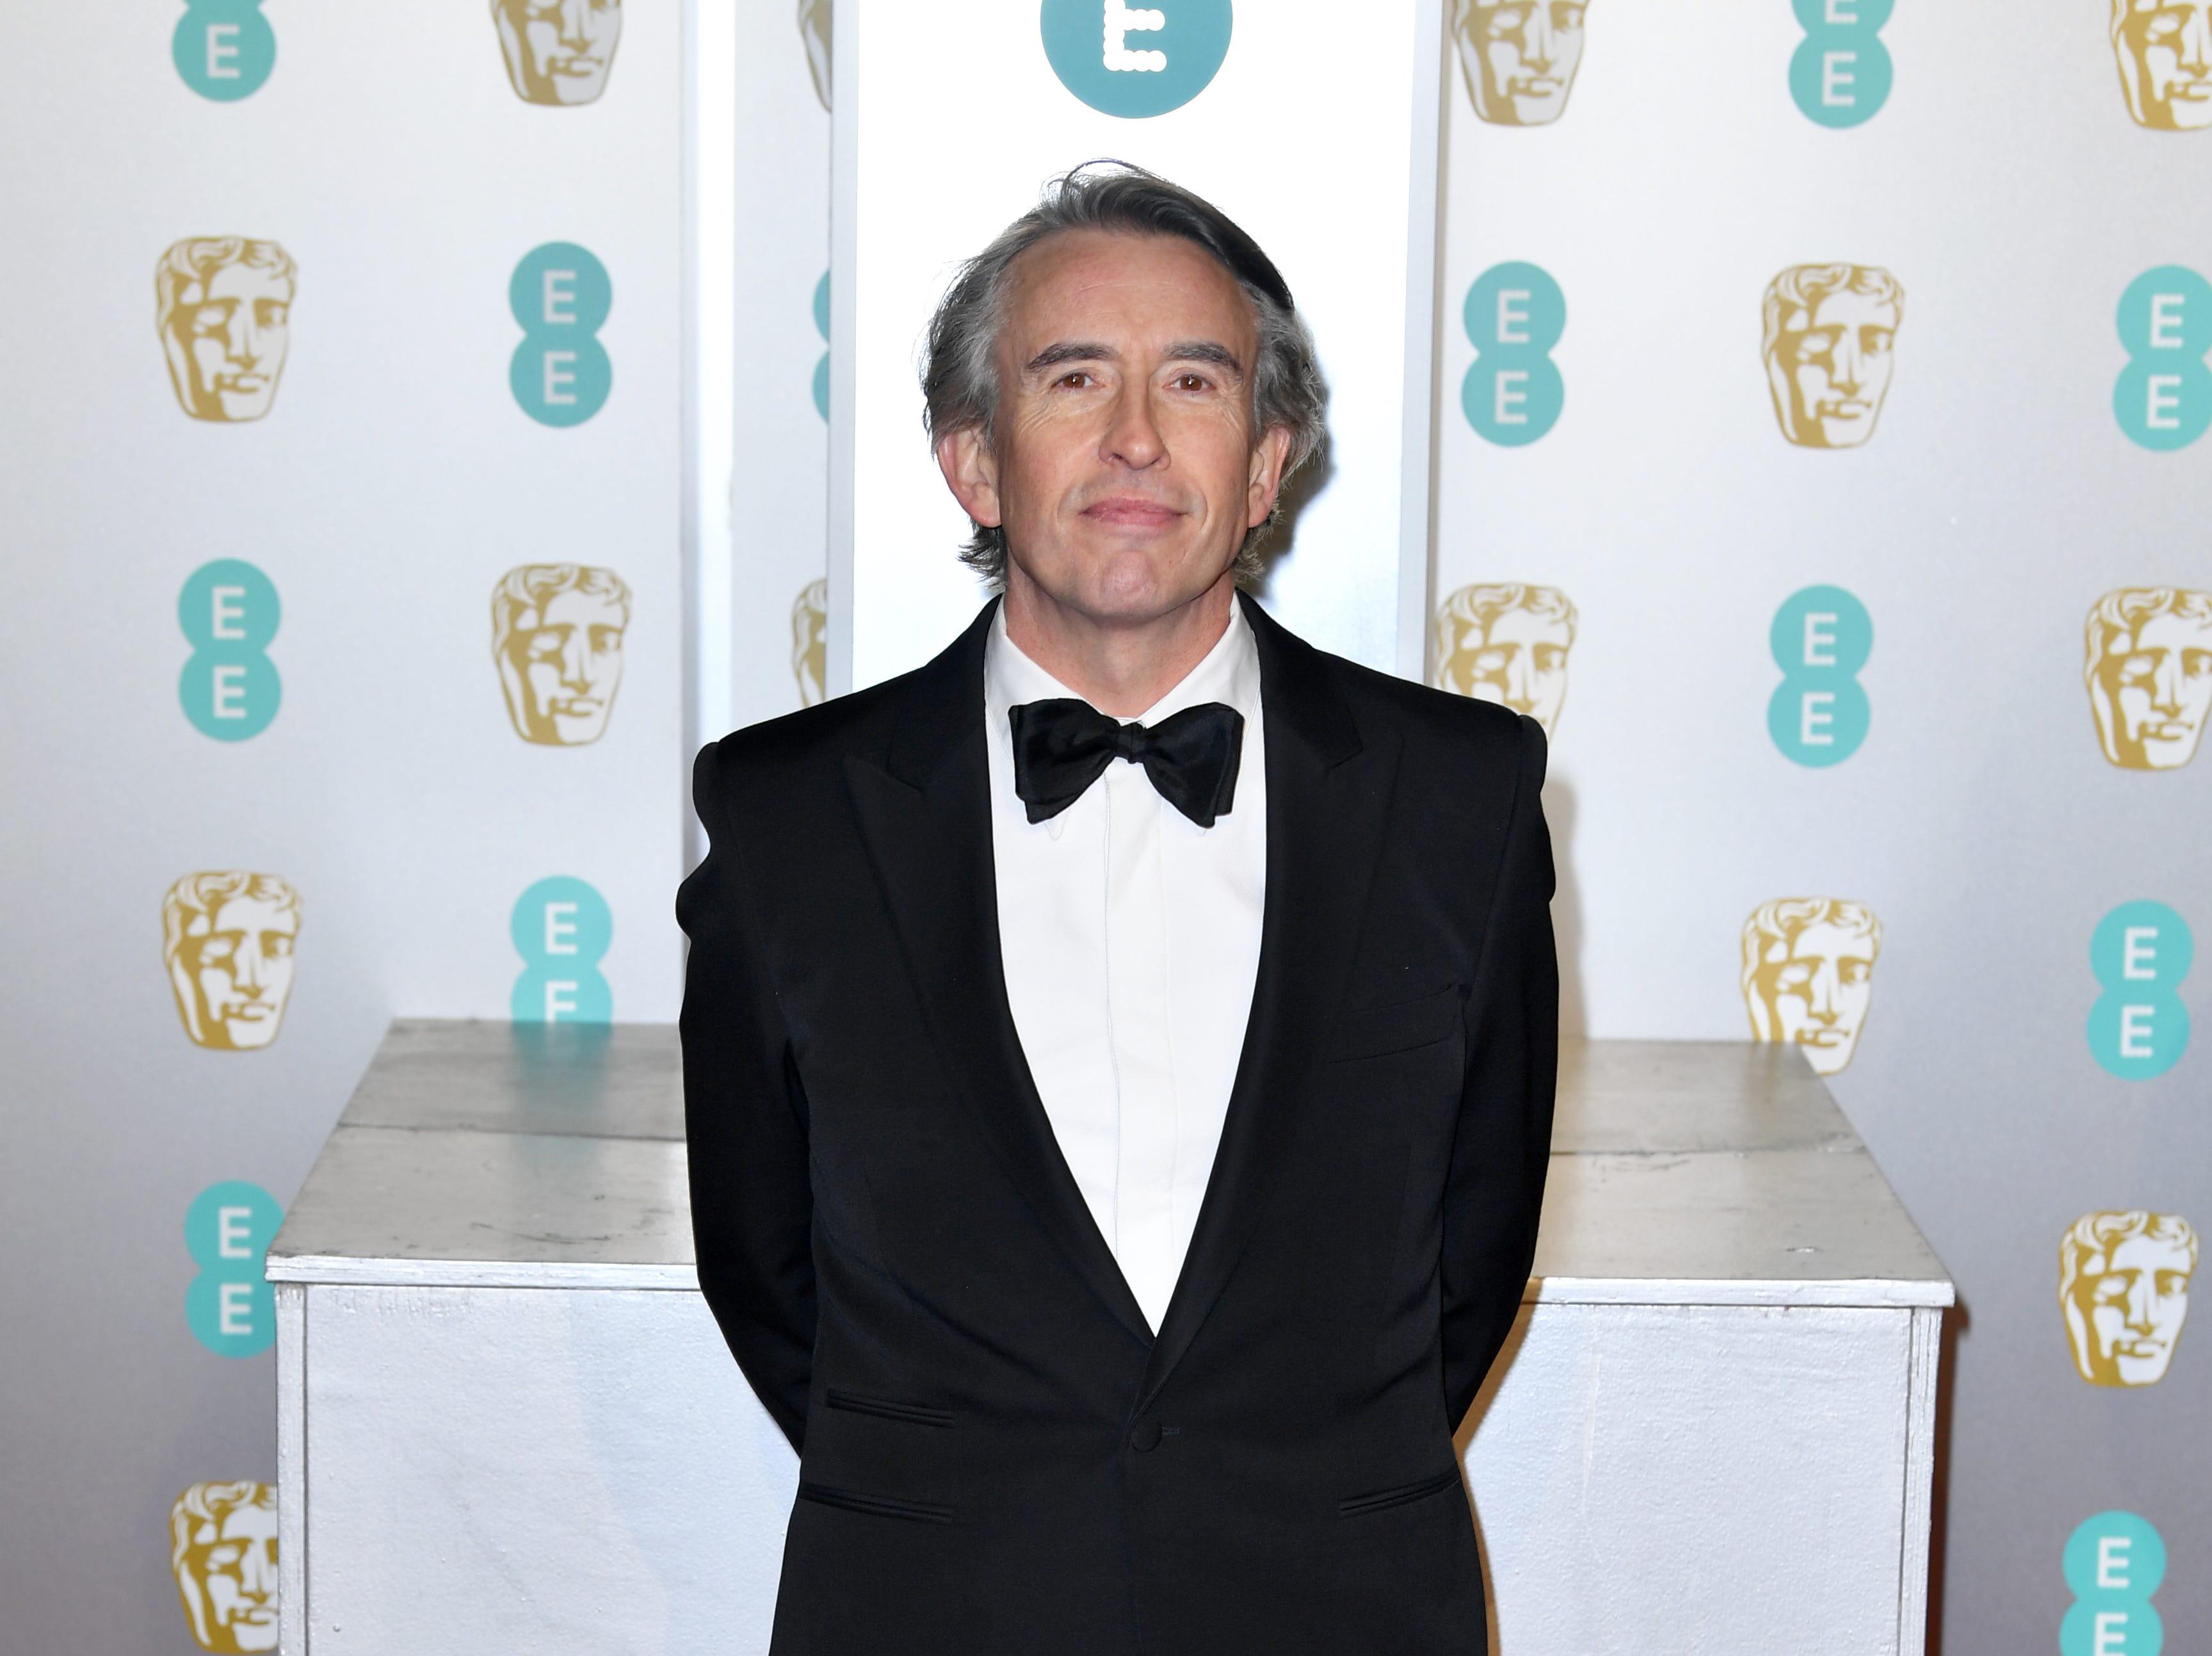 Steve Coogan a su llegada a la alfombra roja de los Premios de la Academia Británica de Cine BAFTA en el Royal Albert Hall en Londres el 10 de febrero de 2019.